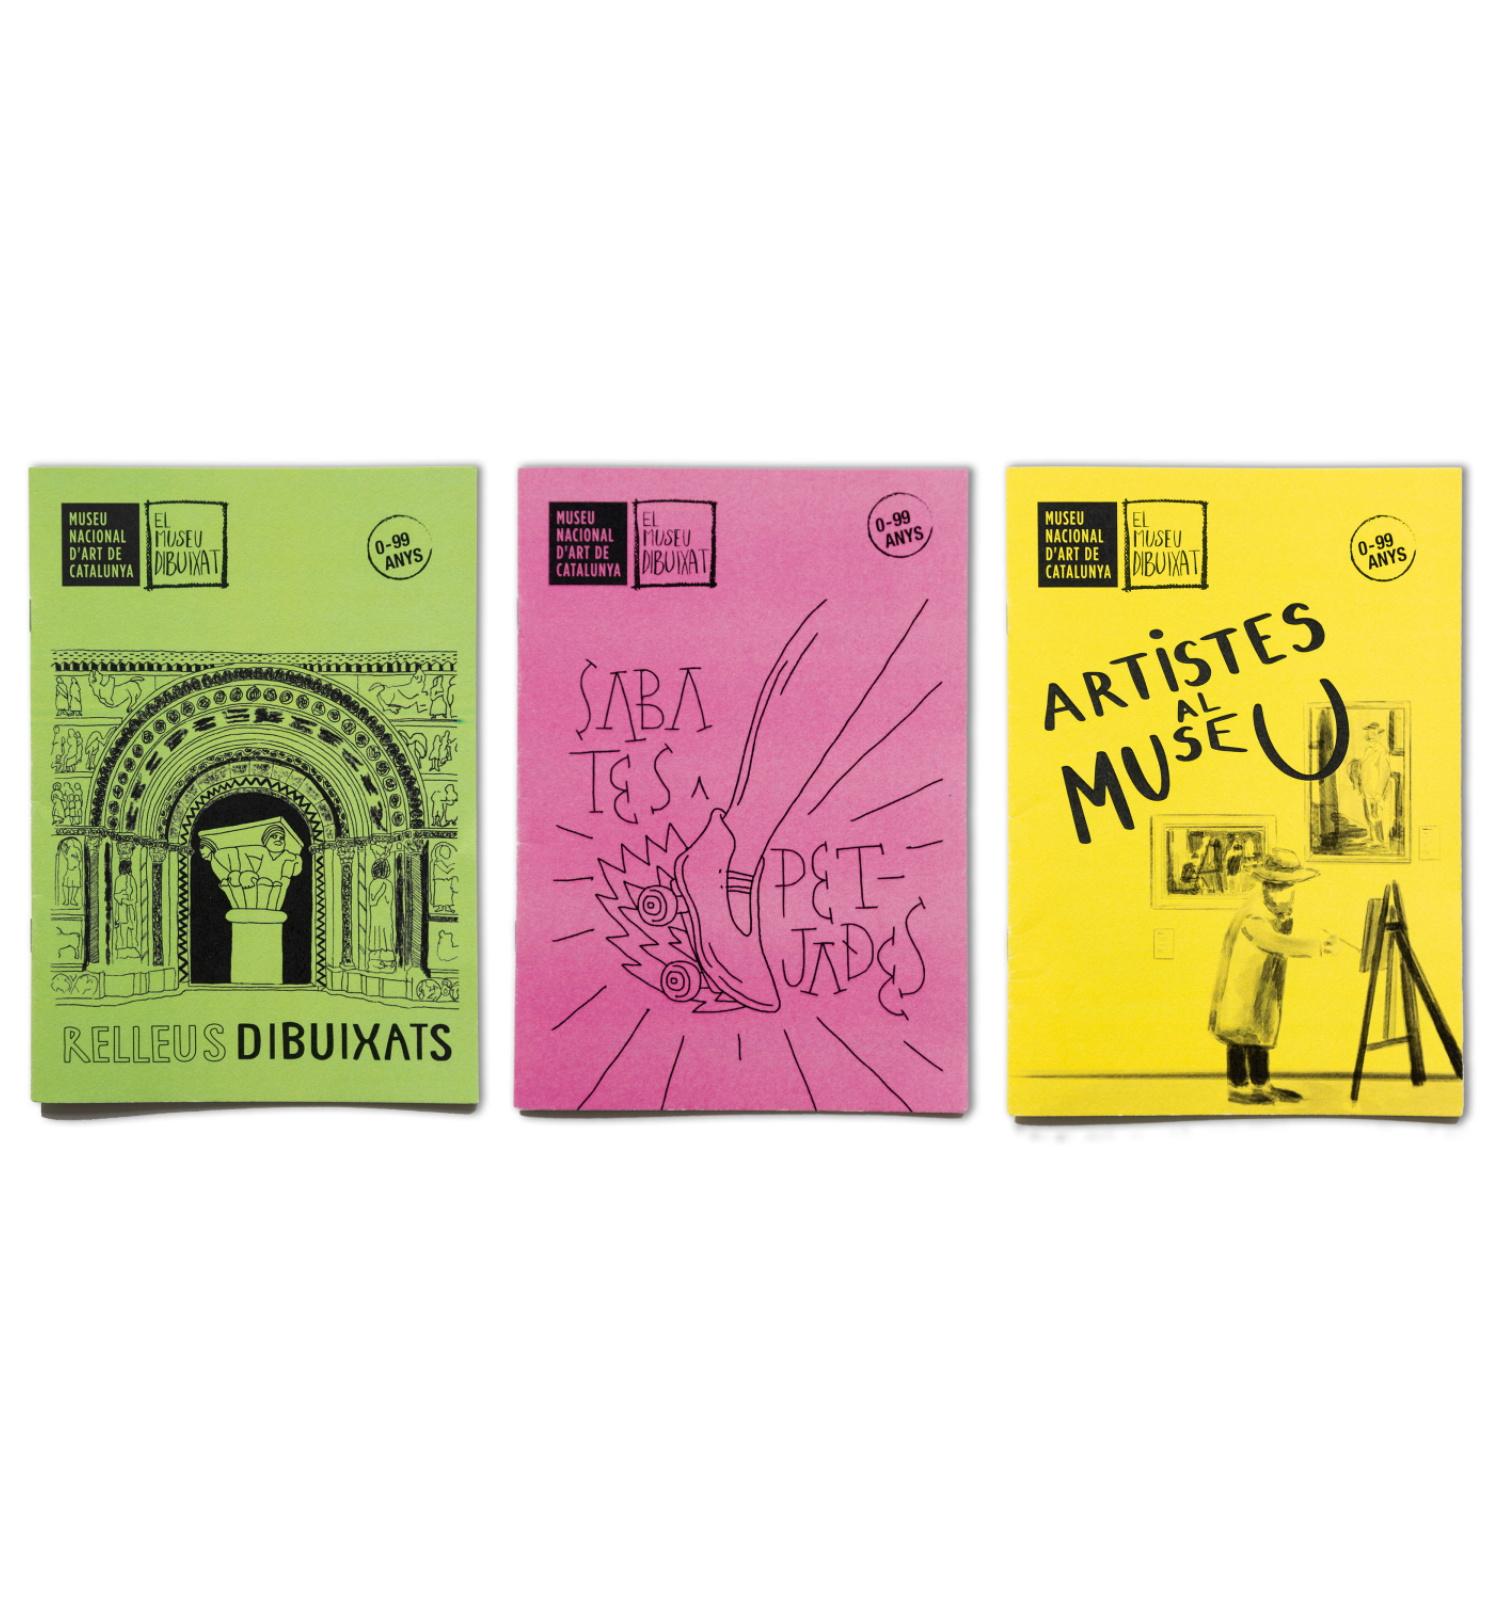 El museu dibuixat | activitat de dibuix